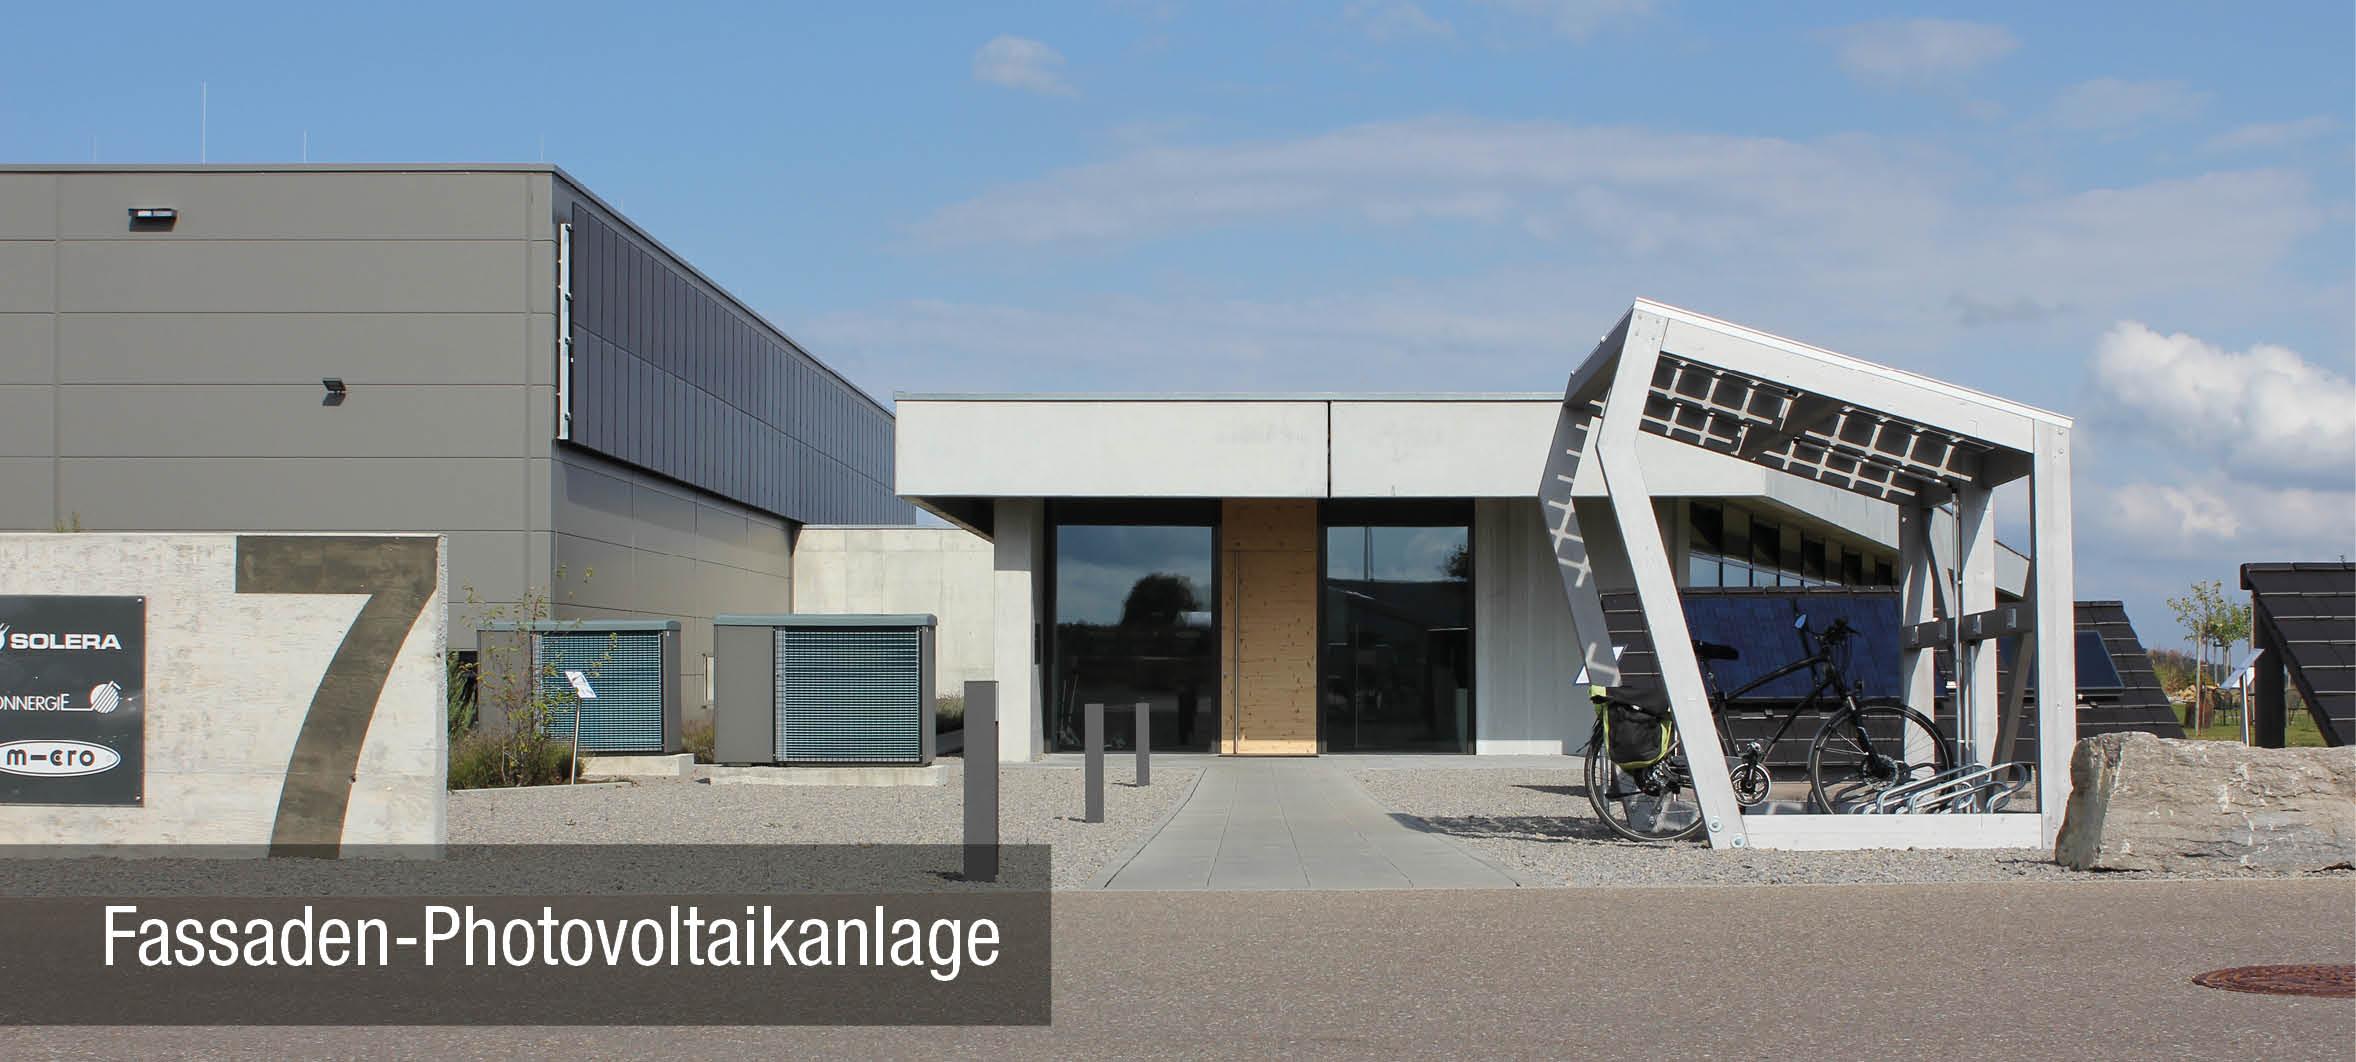 Fassaden Photovoltaikanlage